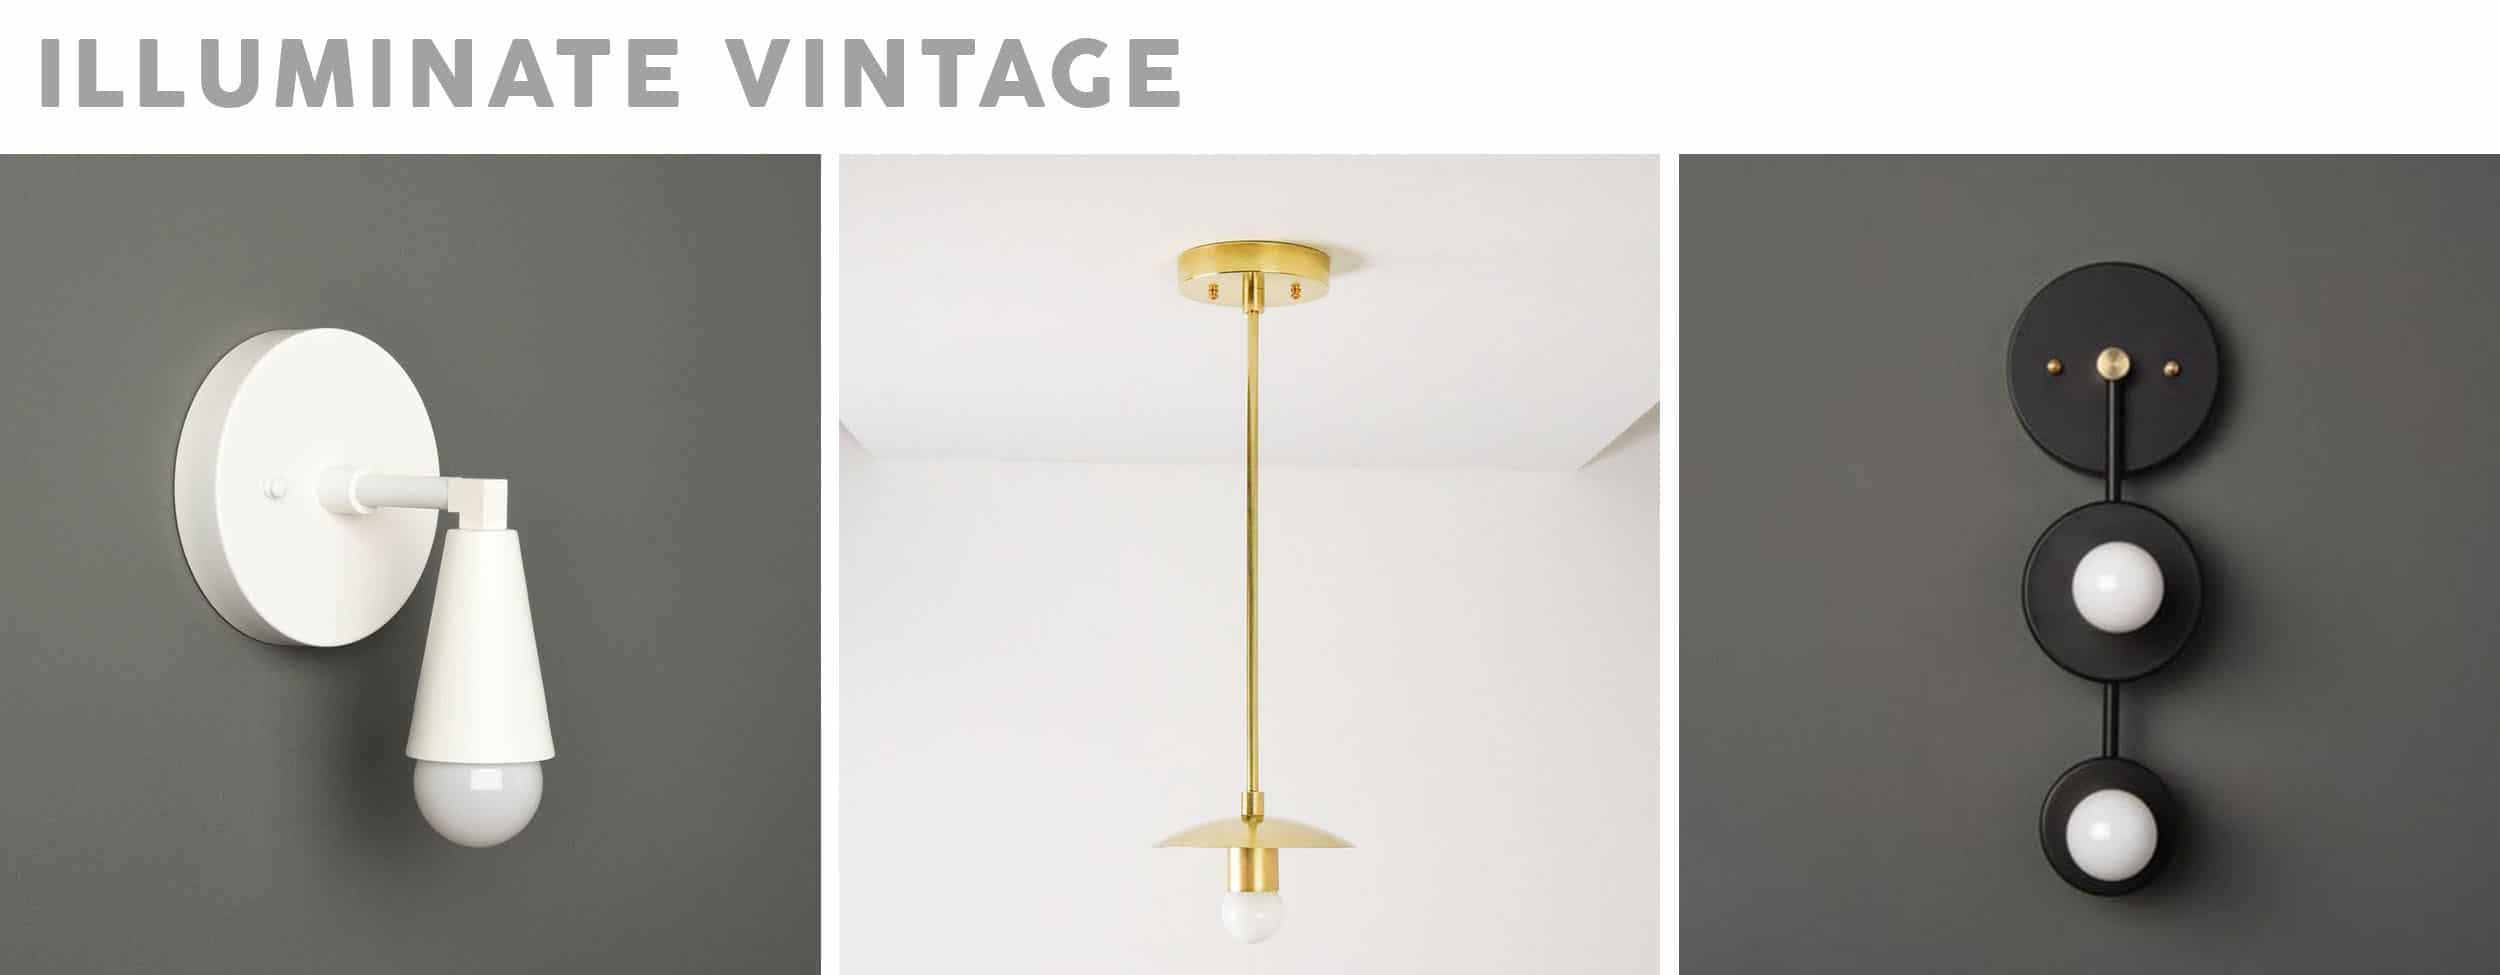 Emily Henderson affordable living room lighting_11